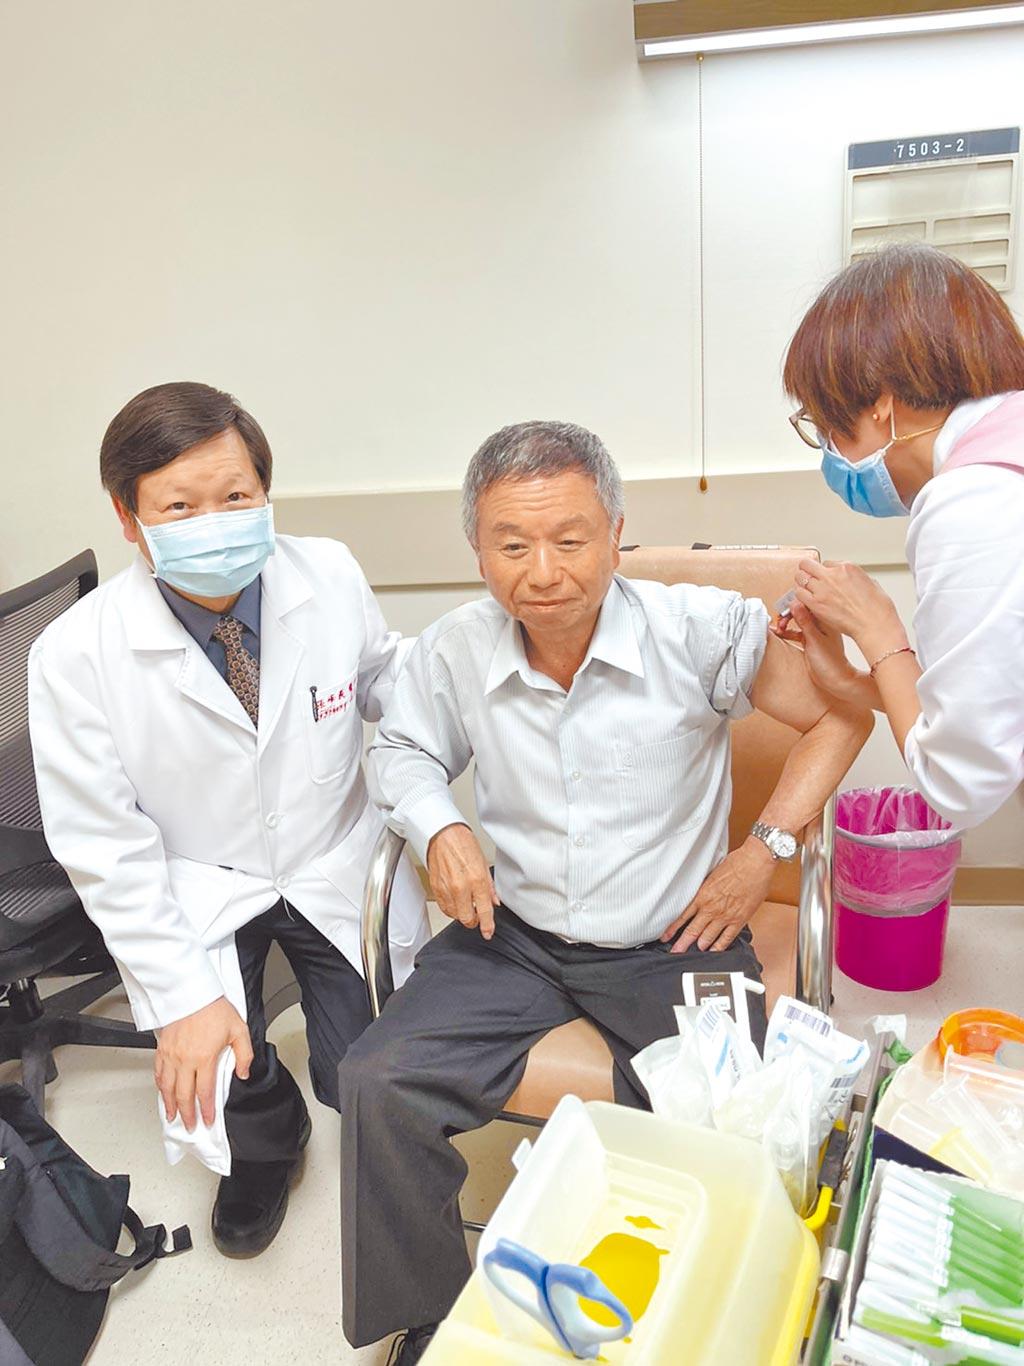 前衛生署長楊志良(中)為國產疫苗貢獻心力,15日挽袖施打聯亞疫苗,成為二期臨床試驗的最後一名收案者。(聯亞提供/陳人齊台北傳真)